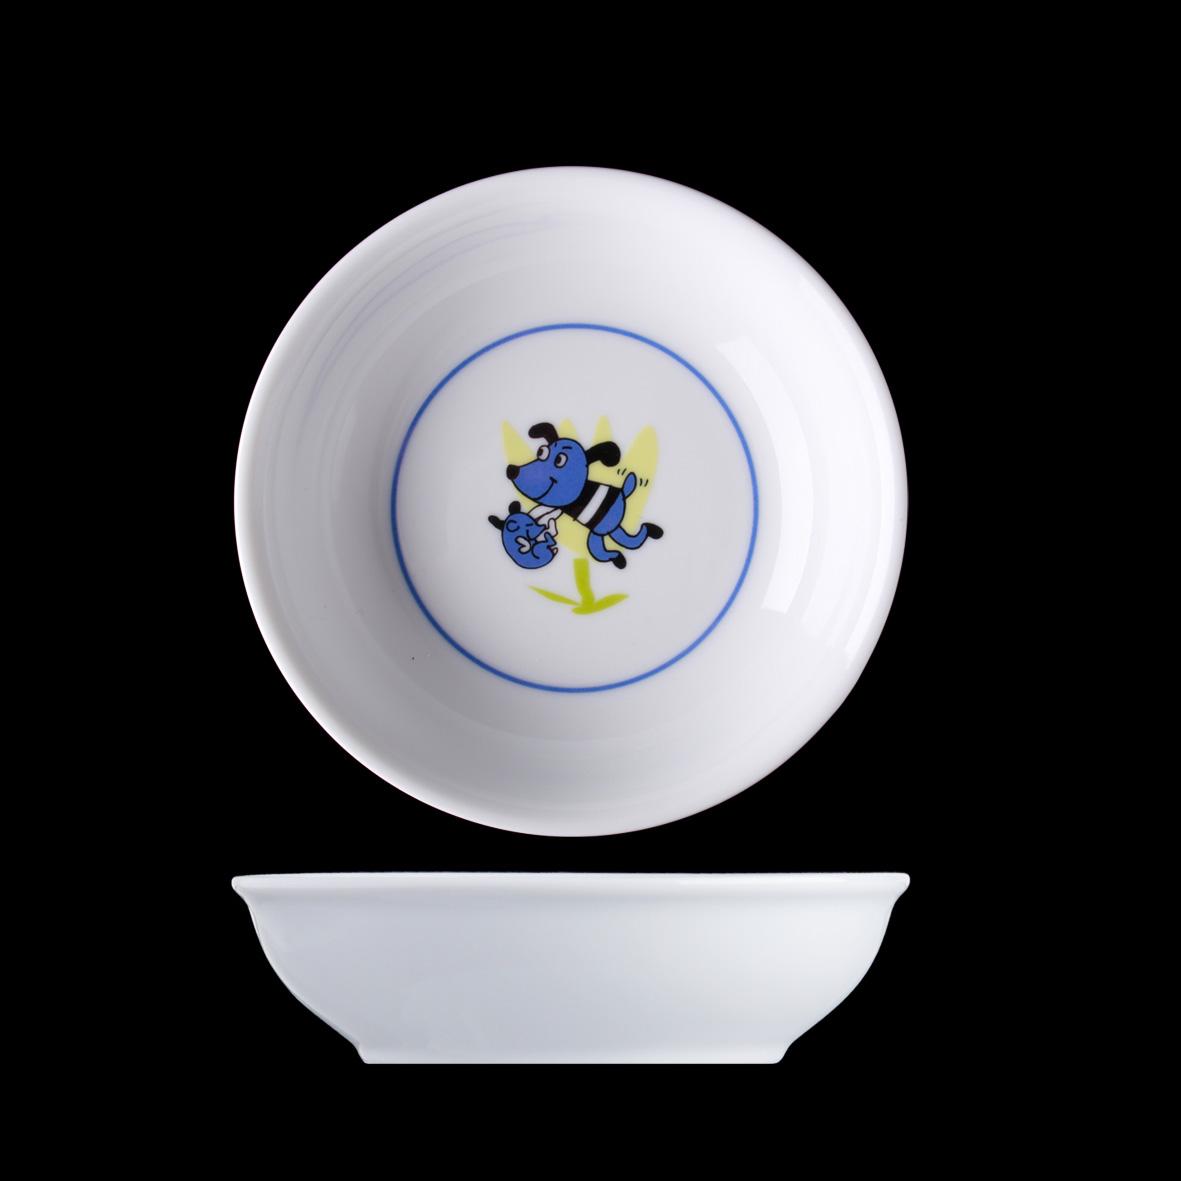 Dětský porcelán, miska kompotová 13 cm, Veselý pes, Langenthal